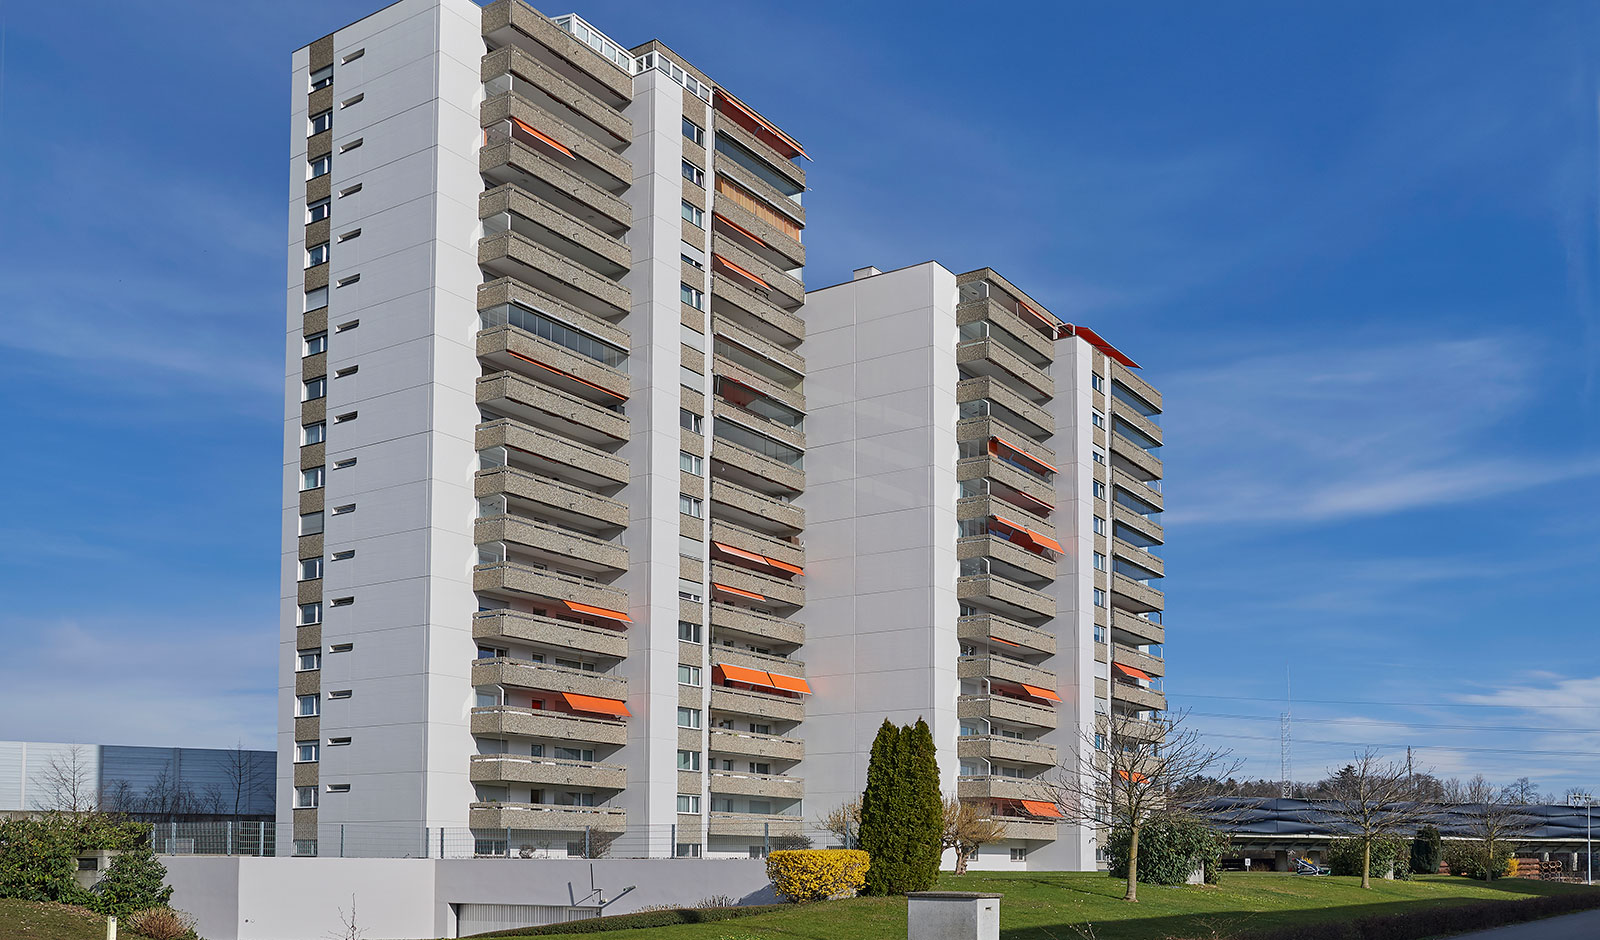 Urbanes Wohnen am Ufer der Reuss